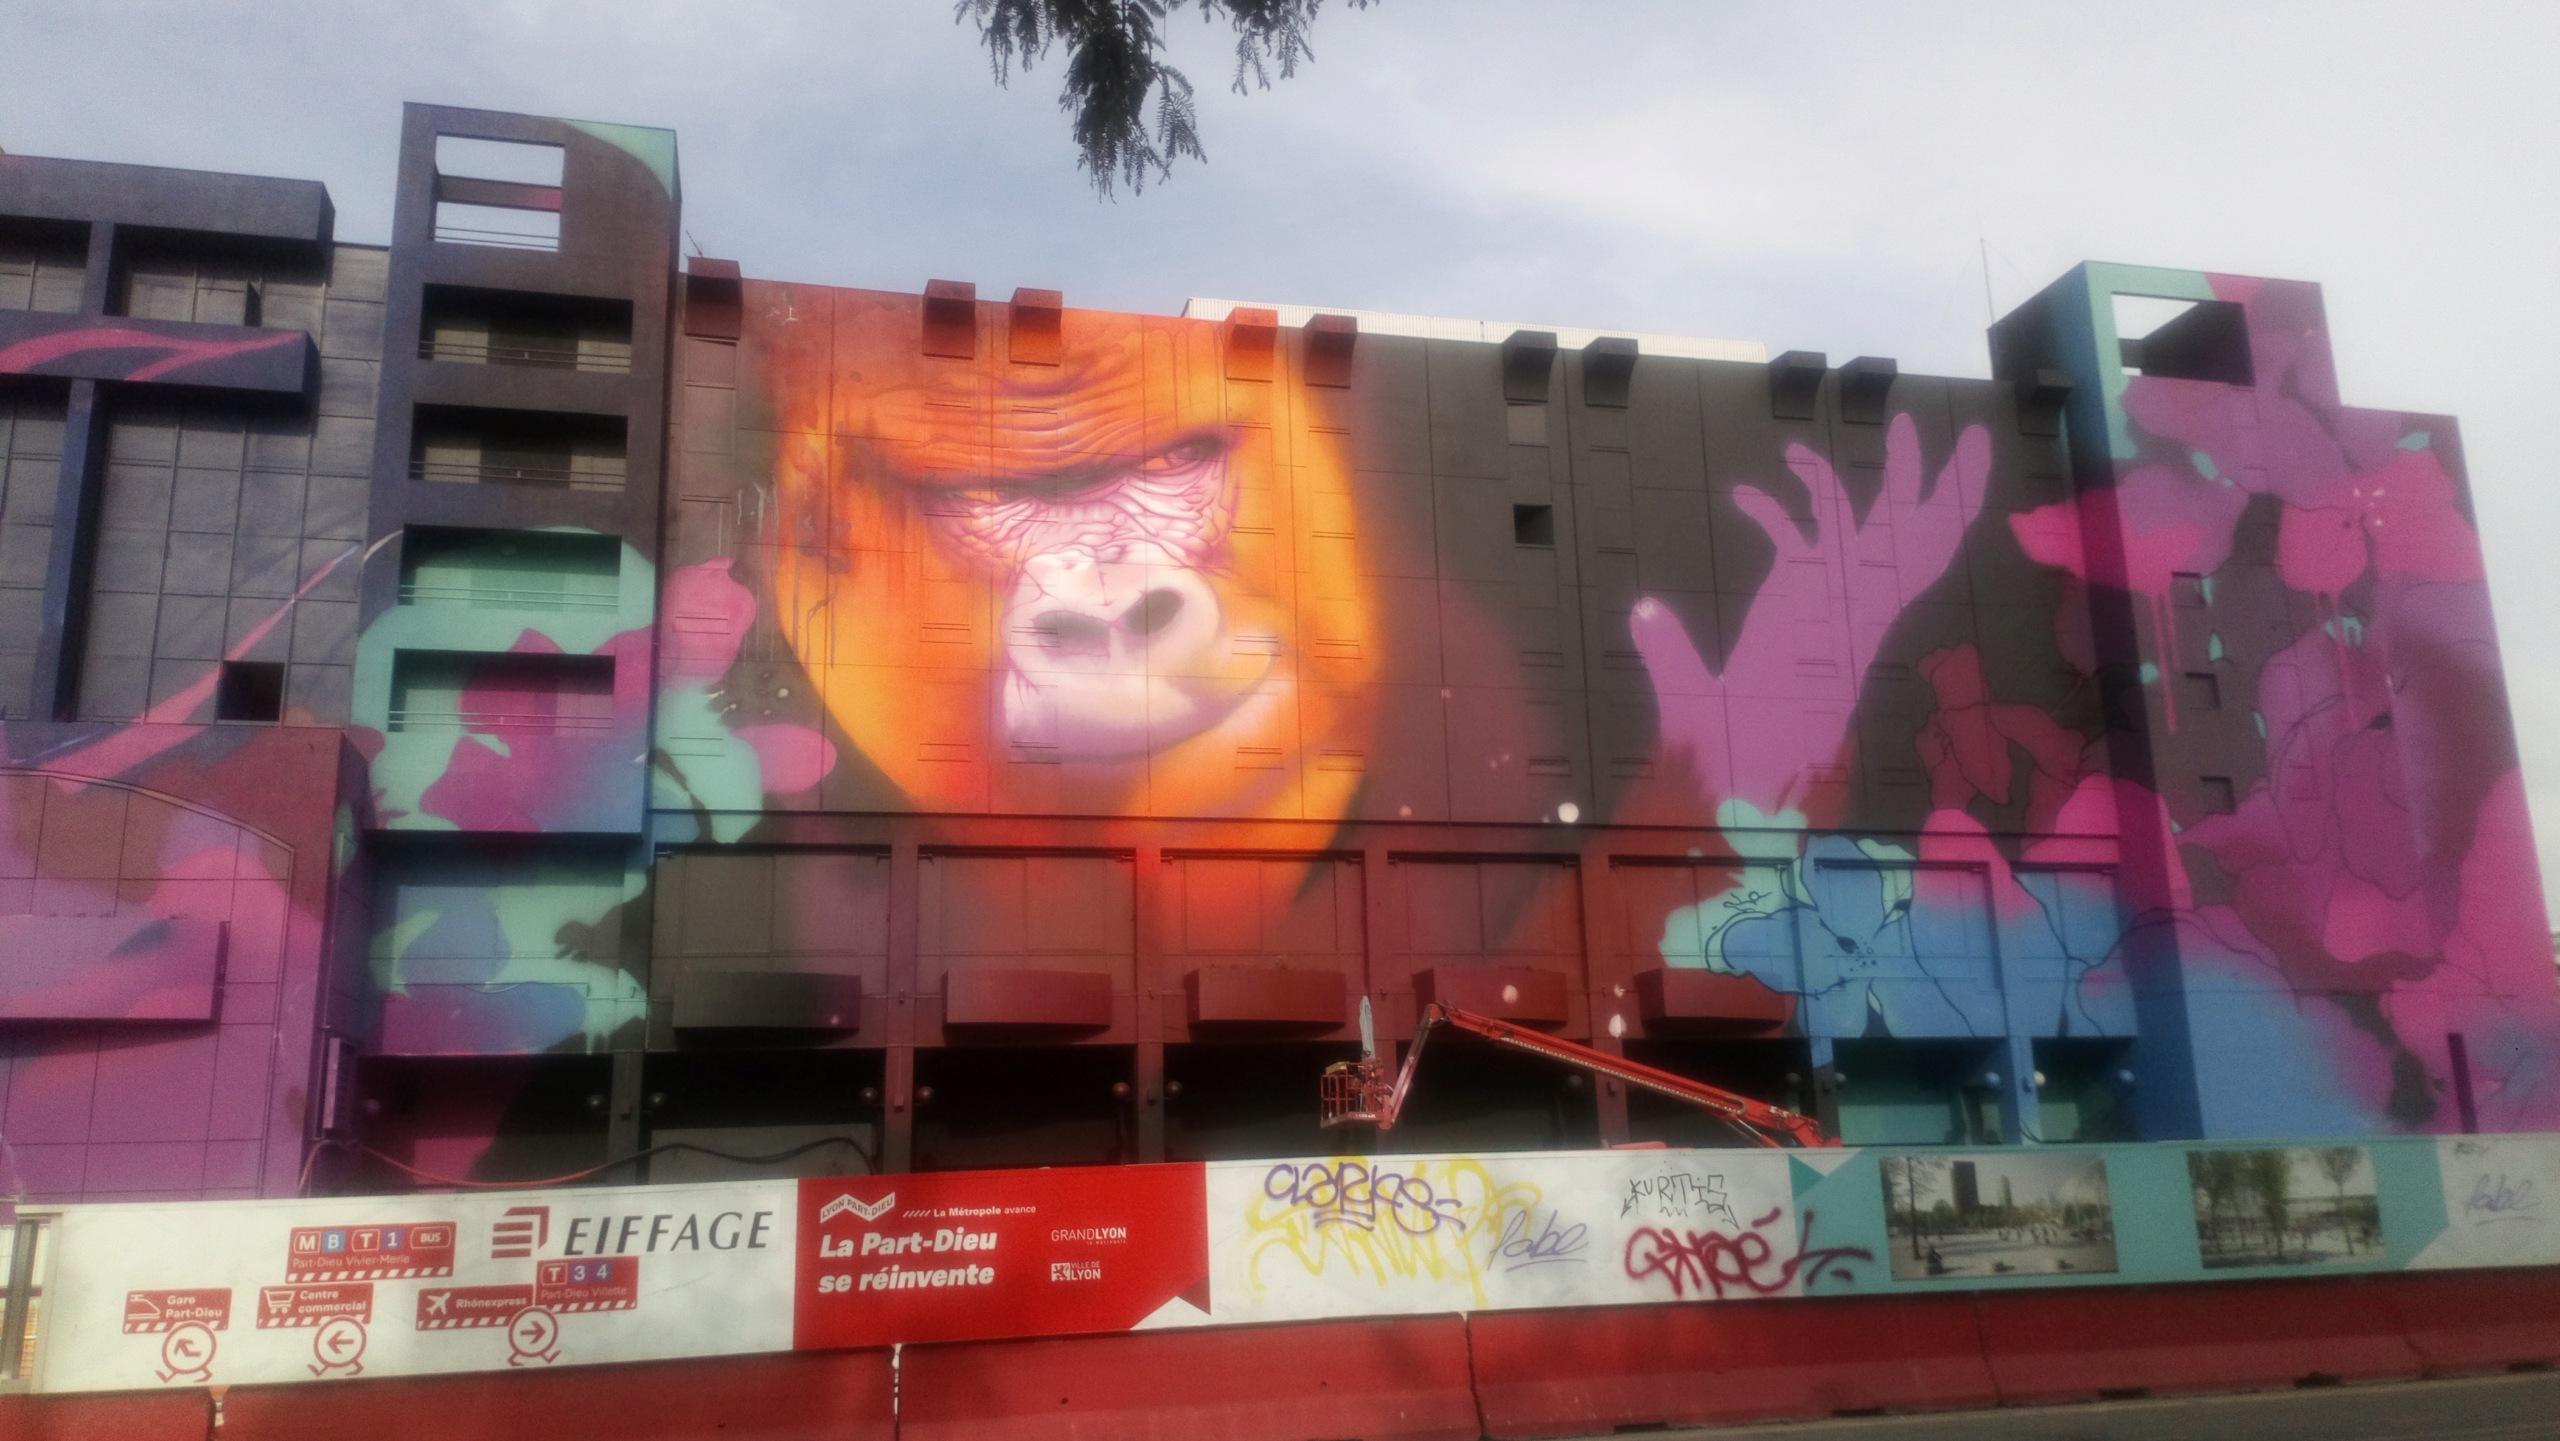 [street art-rue et manifs] Peinture fraîche, à Lyon 2019 - Page 12 Dsc_0886